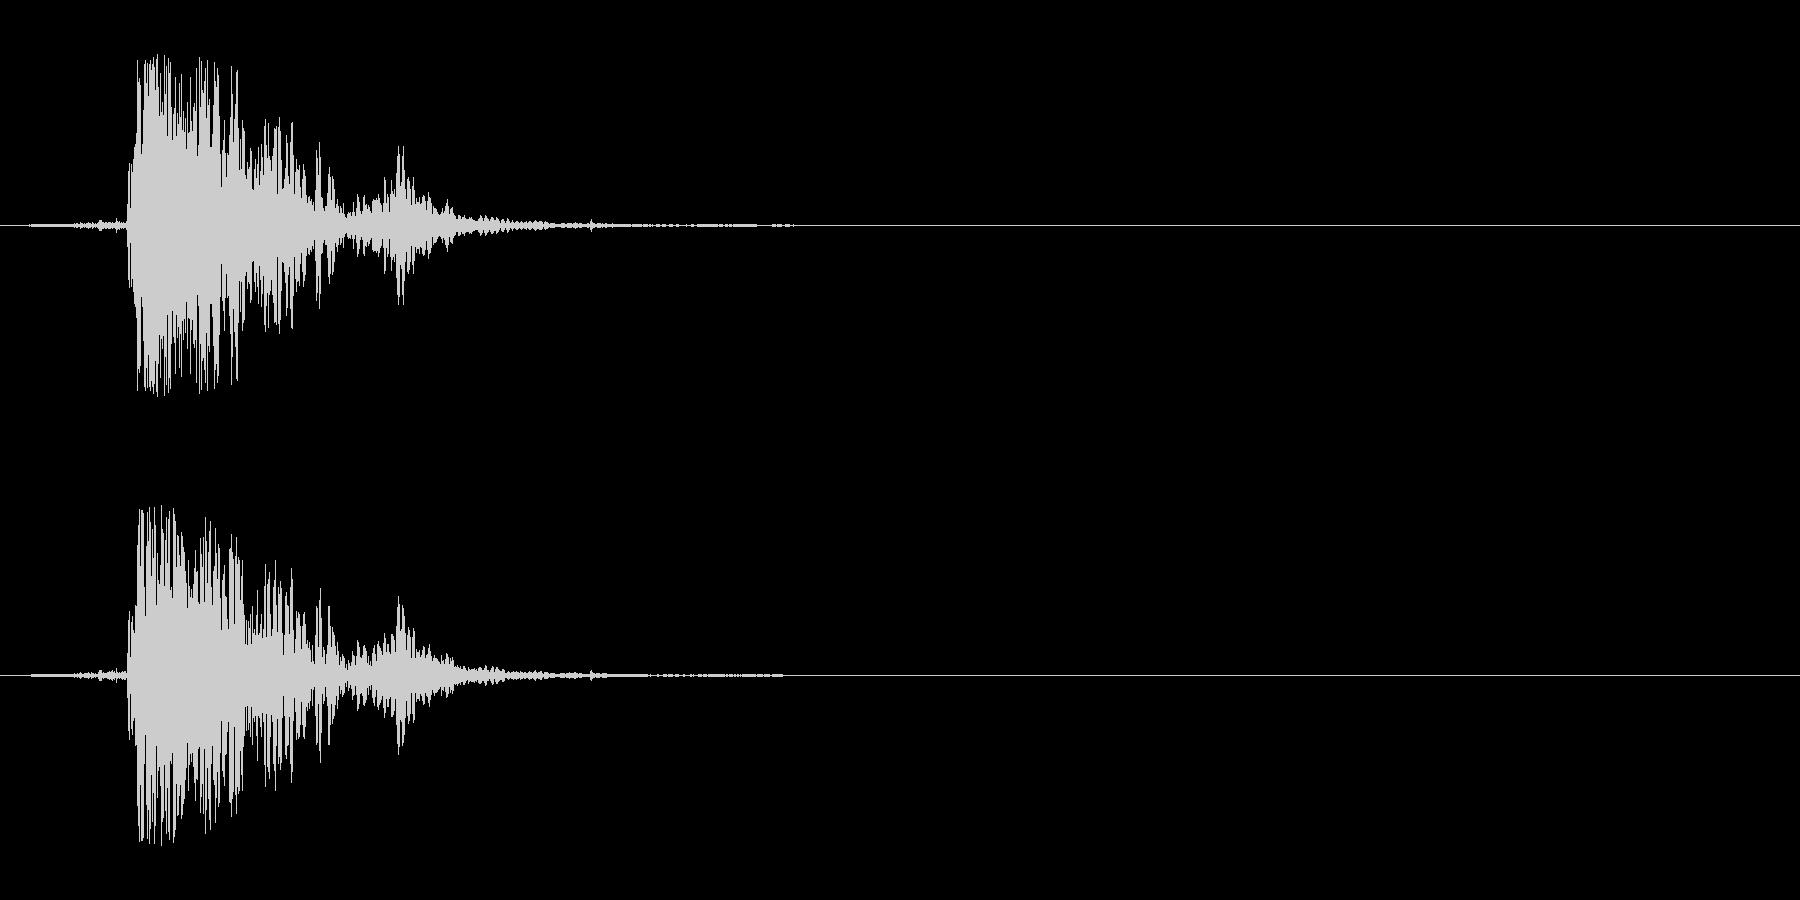 ペーパーヒットピクチャーブレイクの未再生の波形